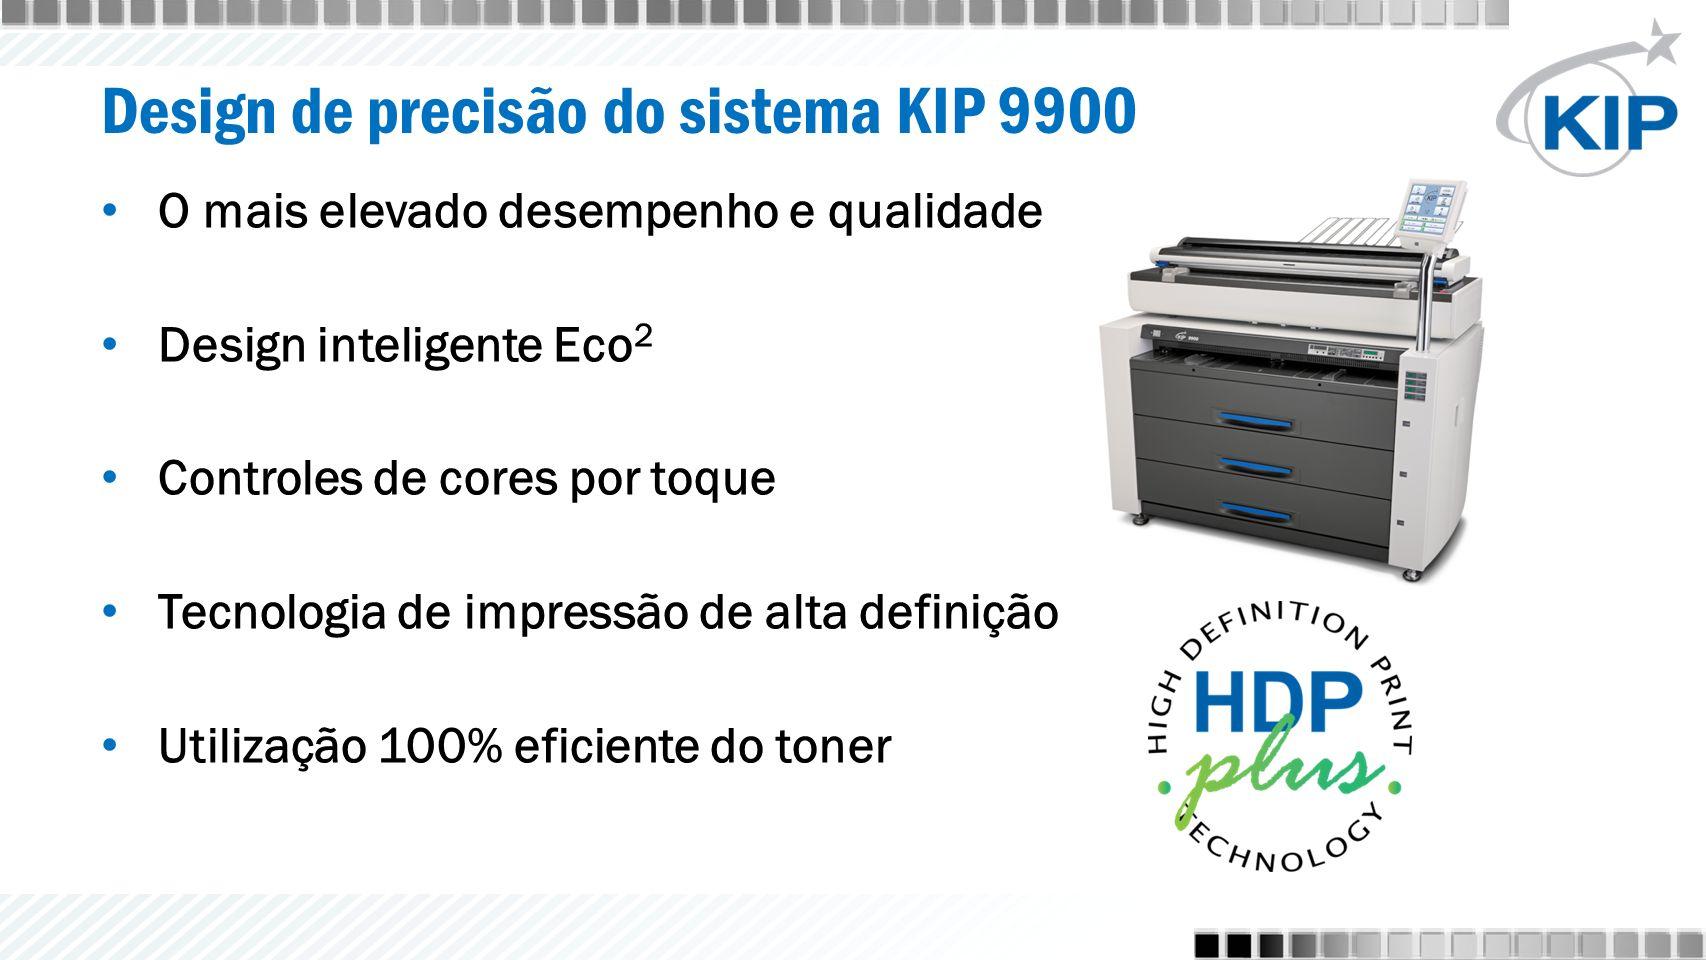 Design de precisão do sistema KIP 9900 O mais elevado desempenho e qualidade Design inteligente Eco 2 Controles de cores por toque Tecnologia de impressão de alta definição Utilização 100% eficiente do toner